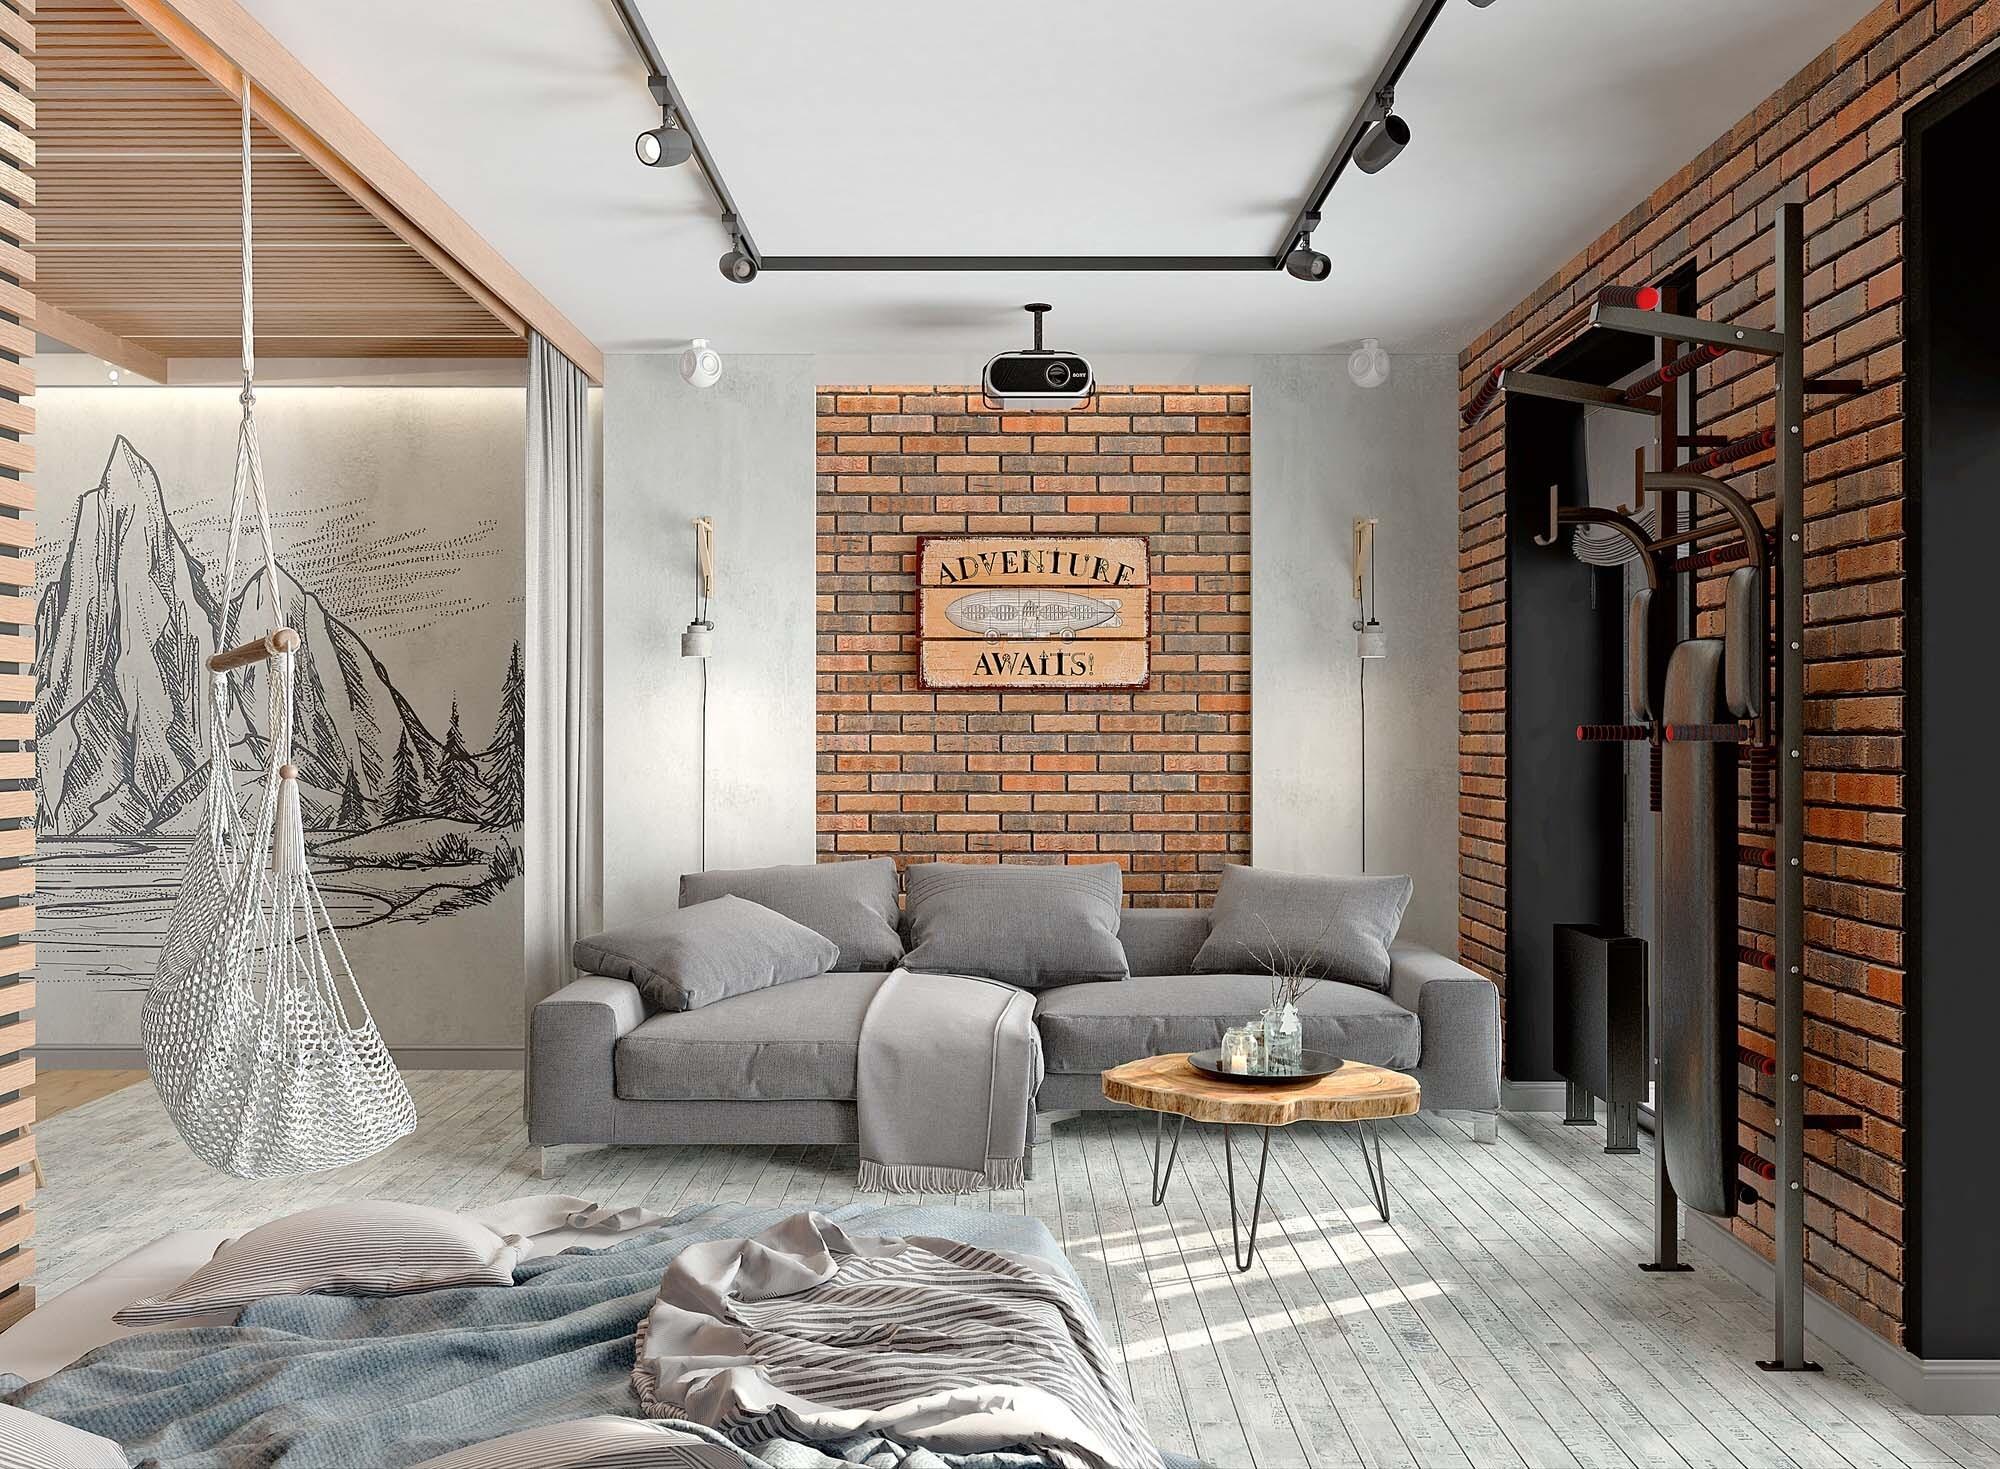 Студия со спальней, гостиной и продуманными системами хранения